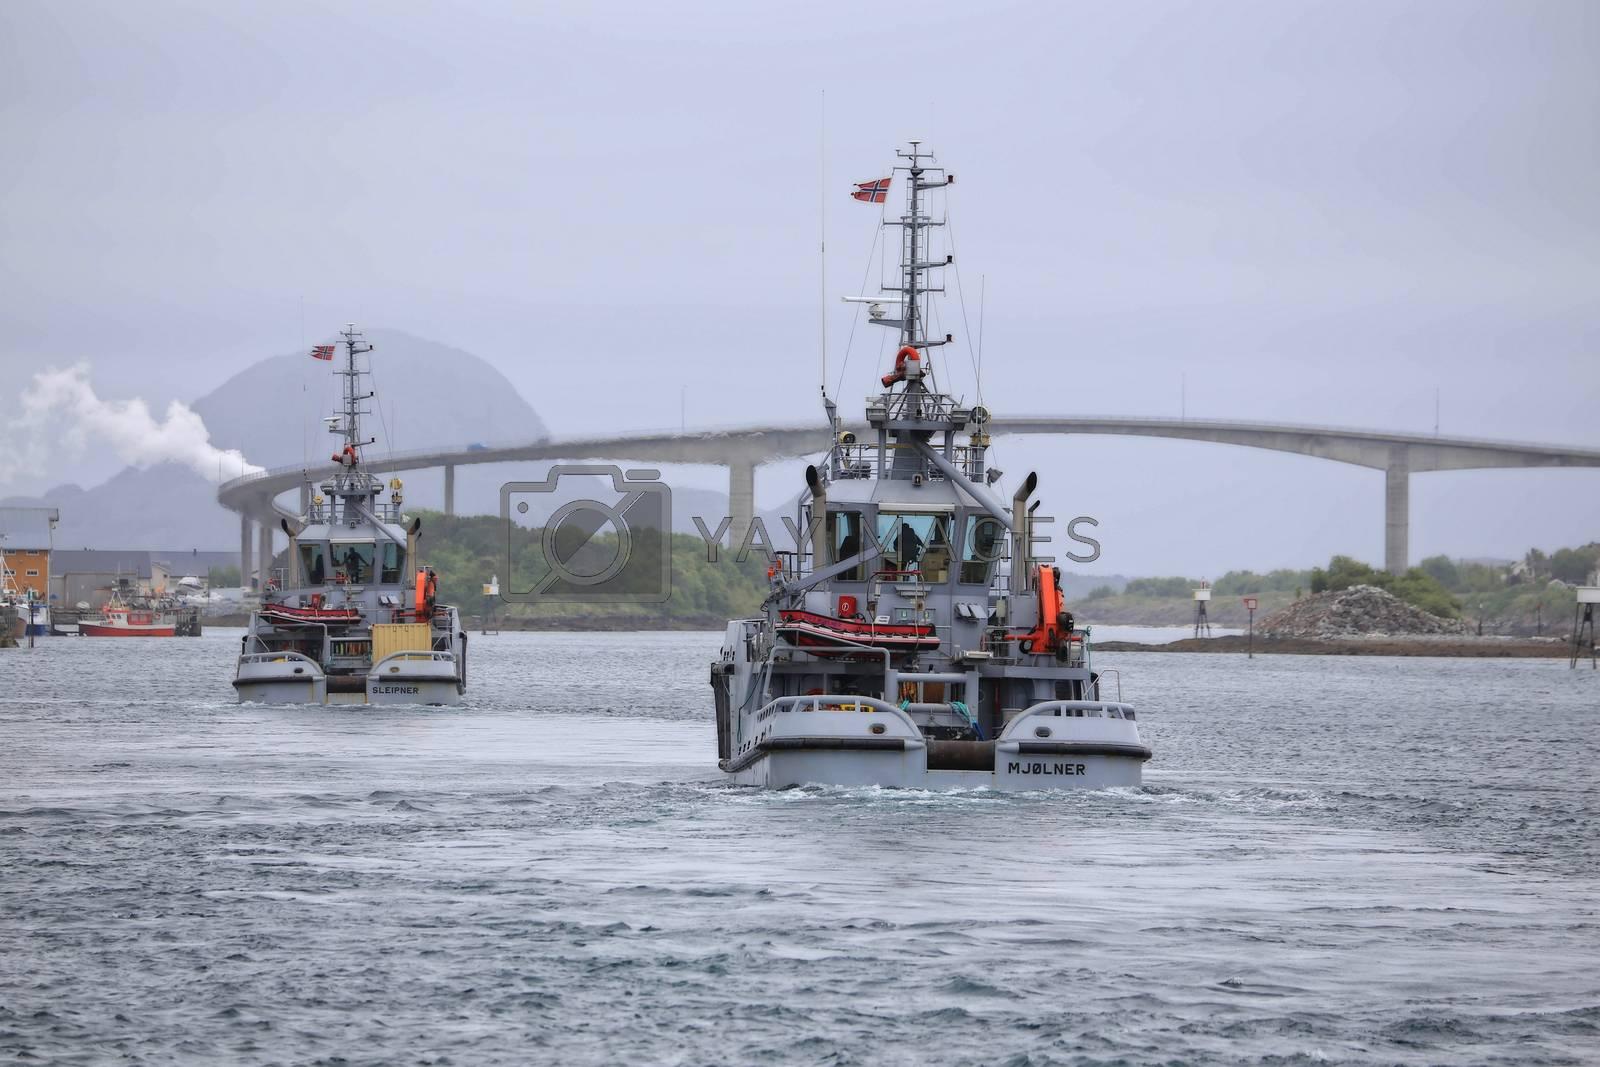 KNM  Sleipner og KNM Mjølner passerer gjennom Brønnøysundet